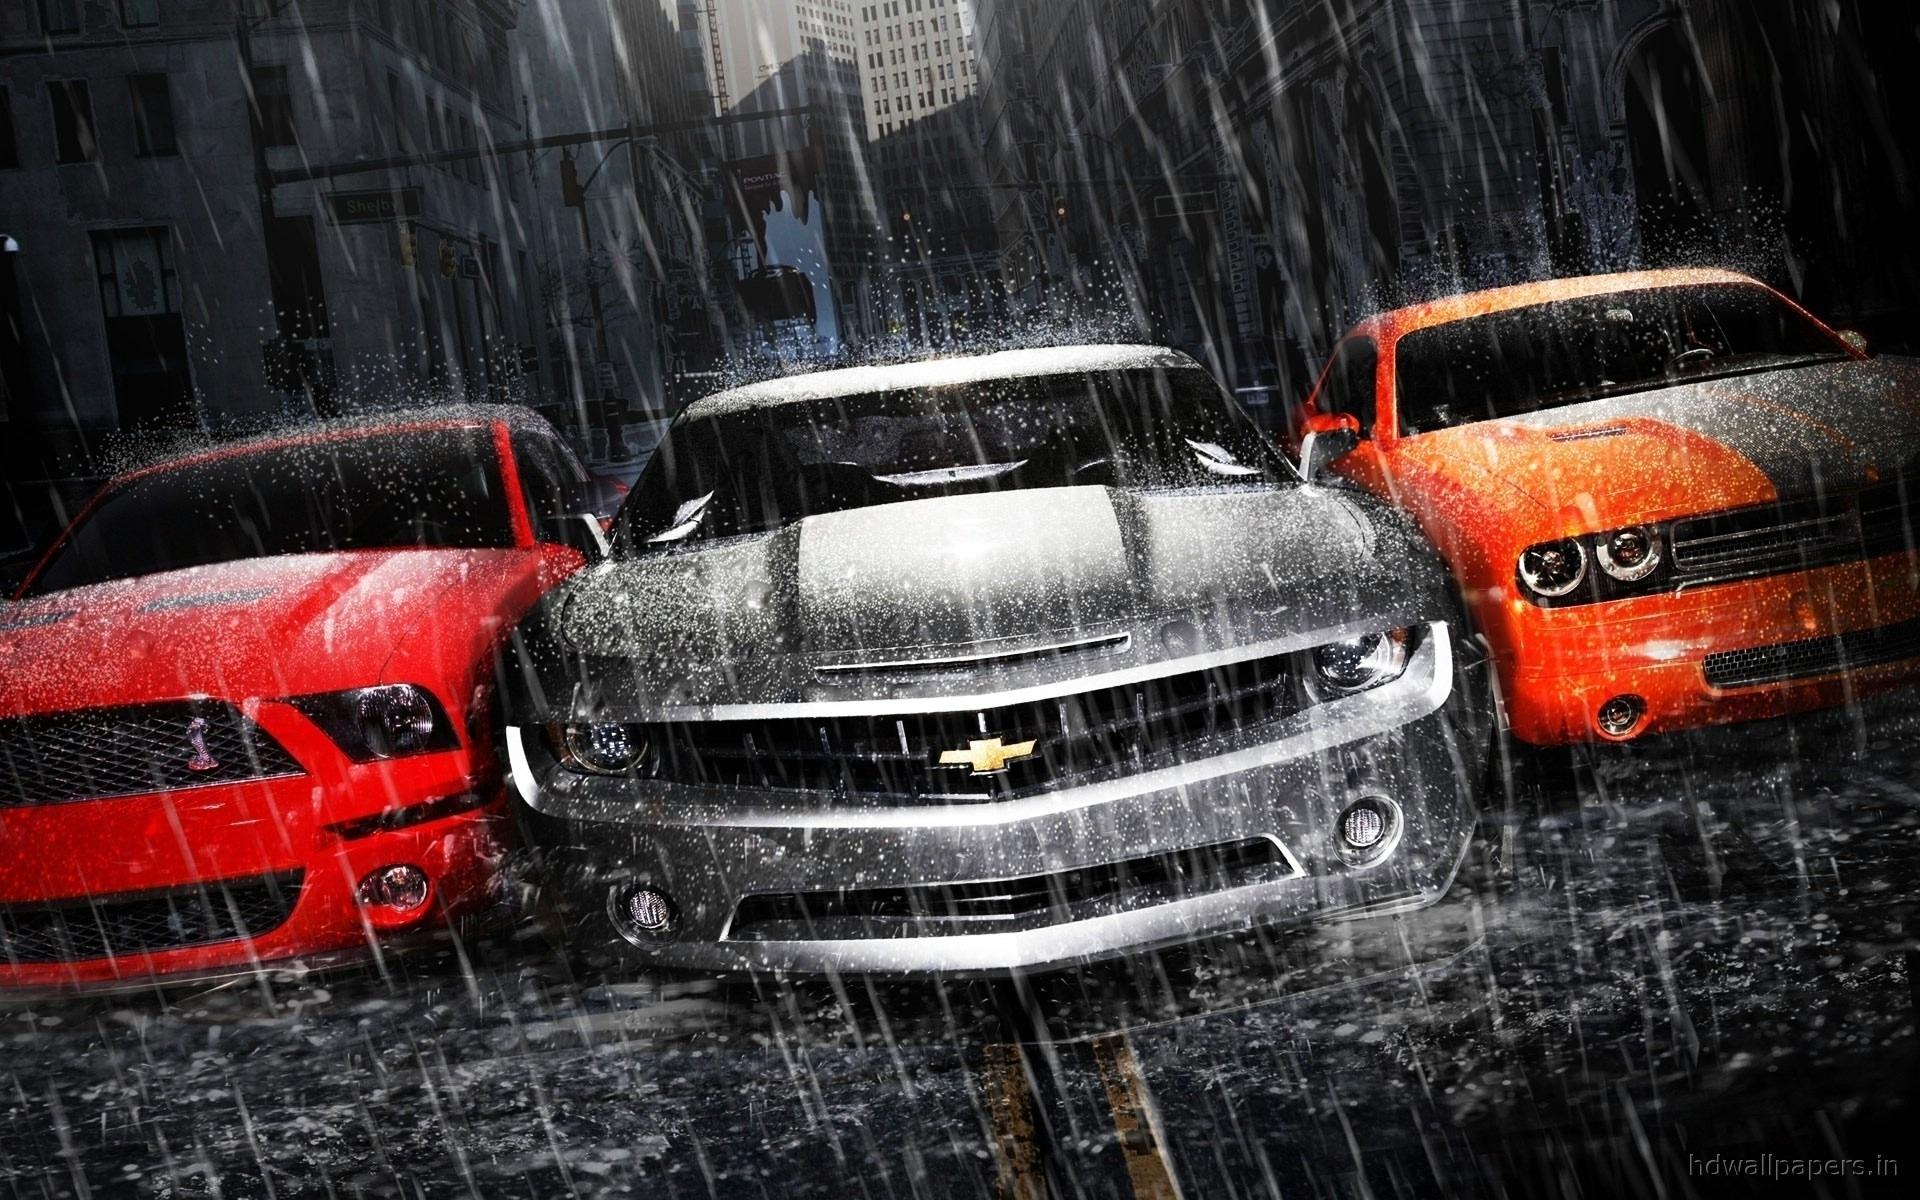 23336 скачать обои Шевроле (Chevrolet), Транспорт, Машины, Дождь - заставки и картинки бесплатно